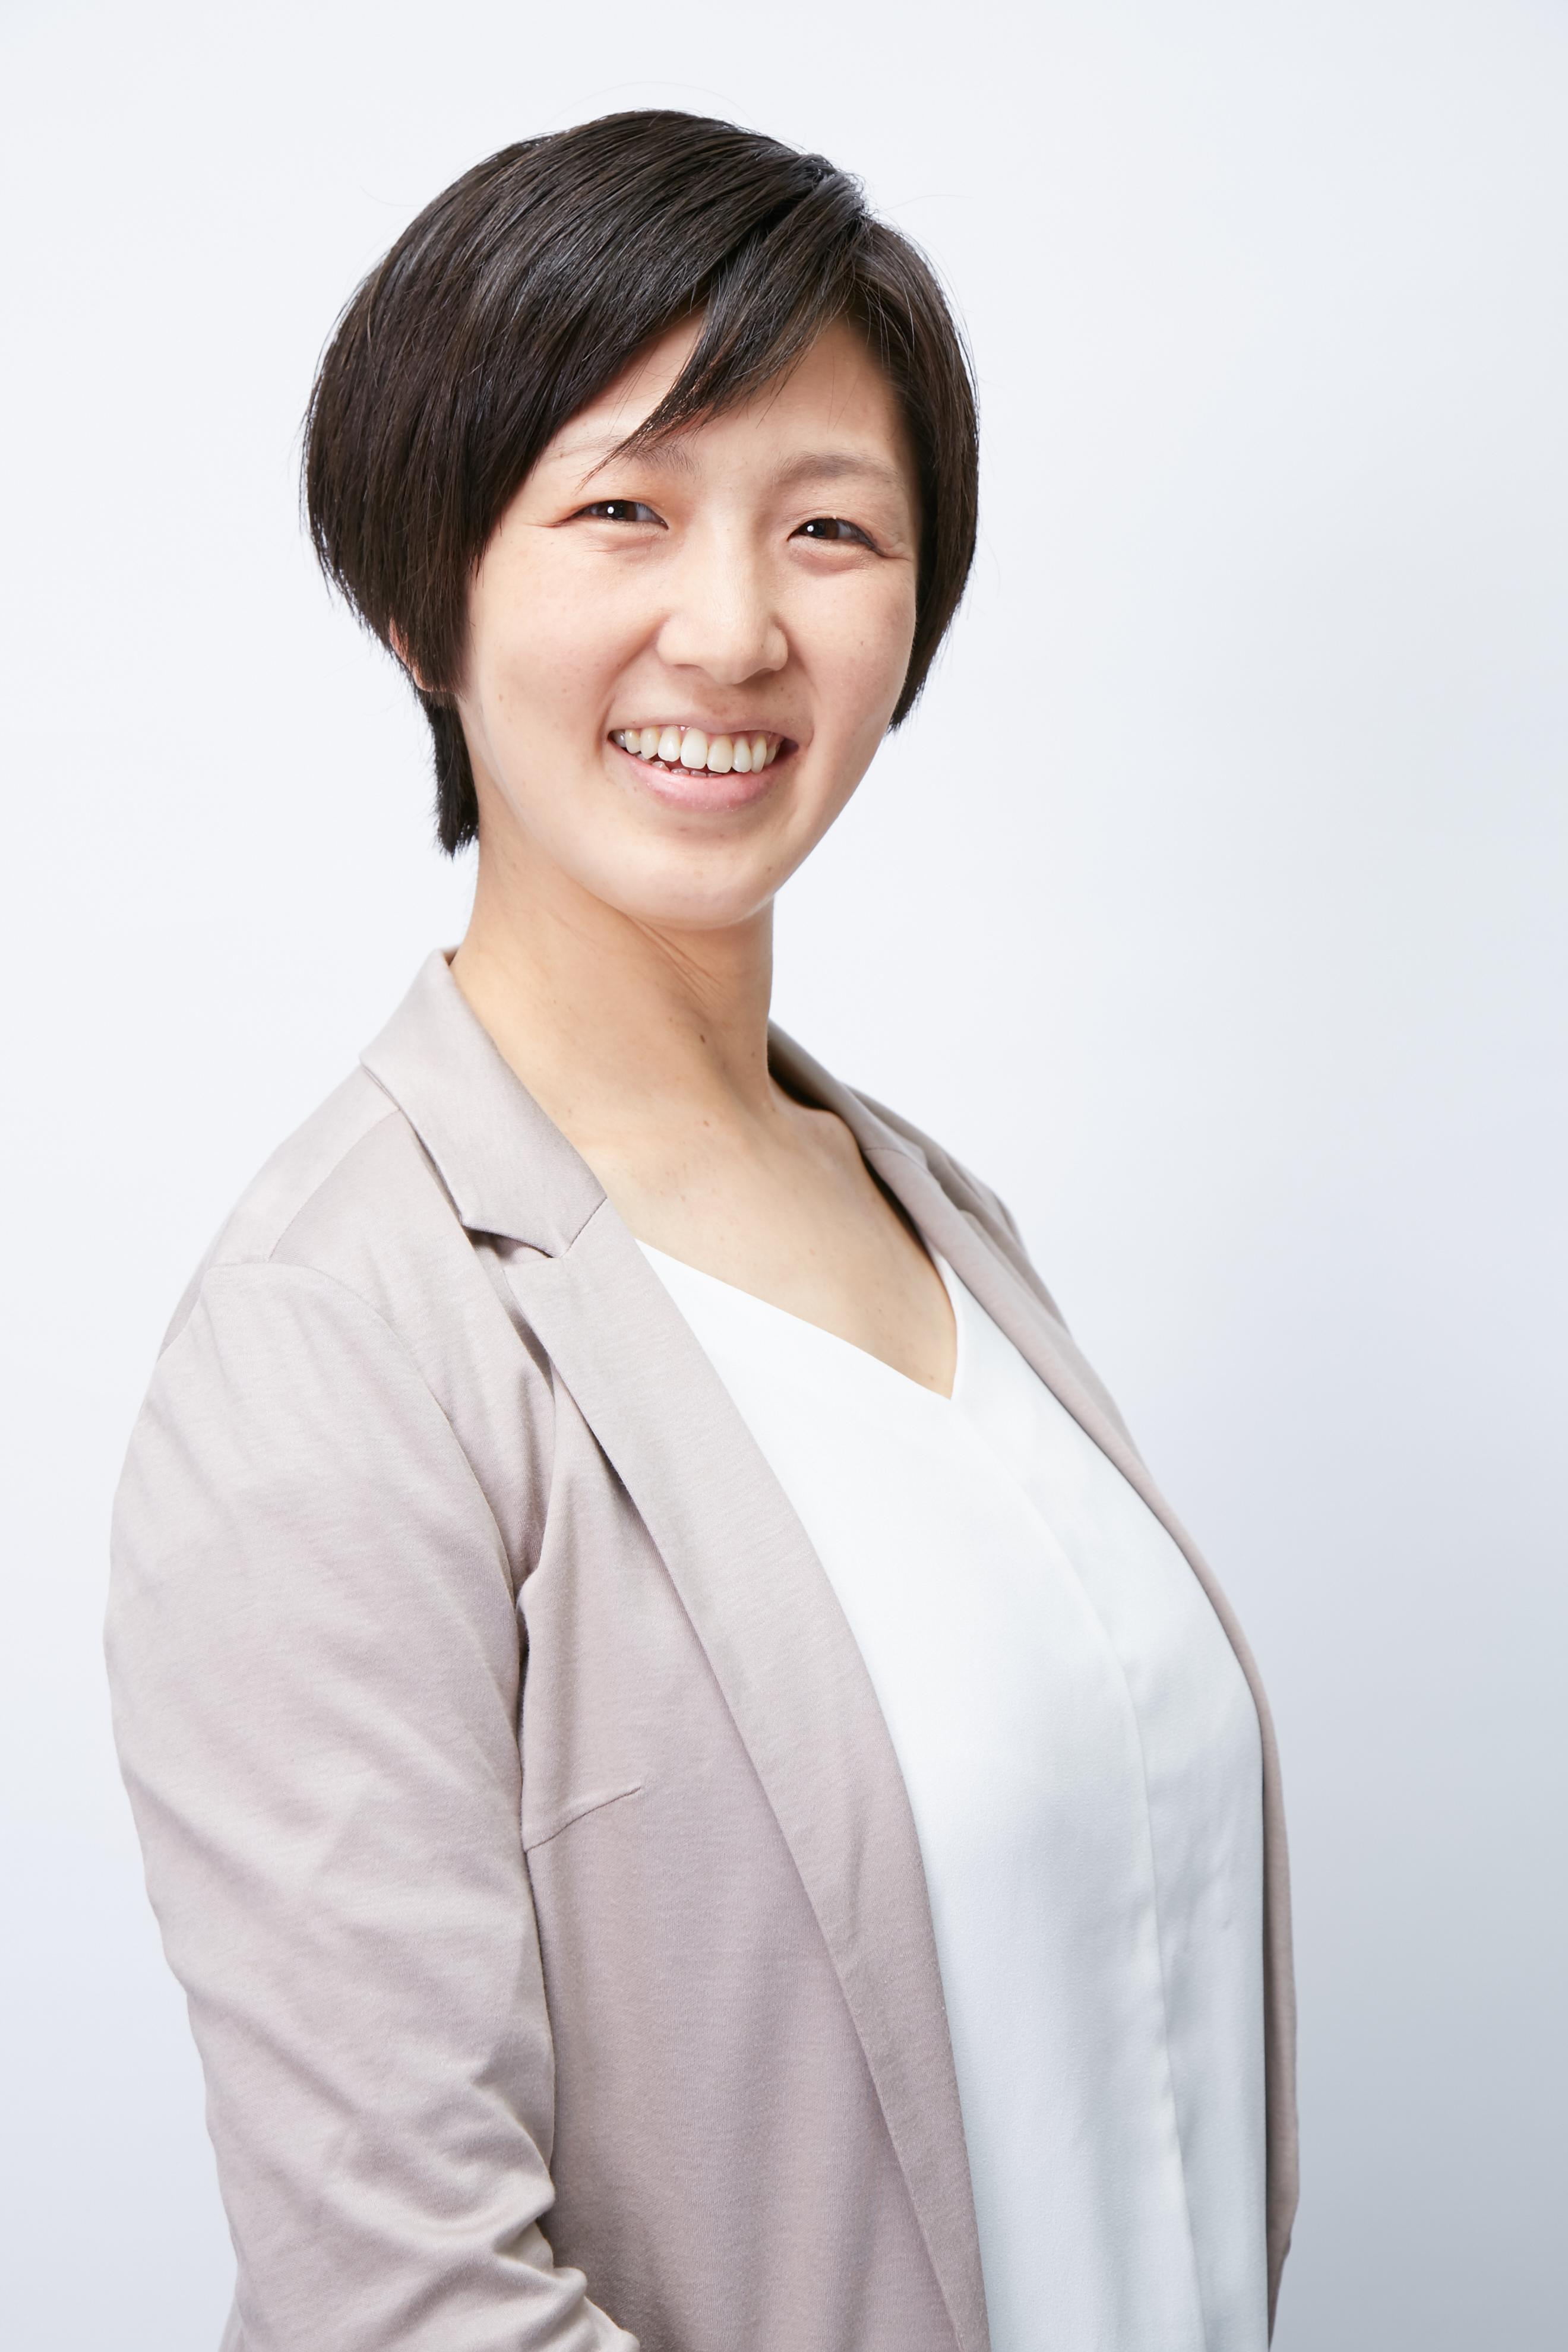 倉石 友美(くらいし ともみ)中小企業診断士